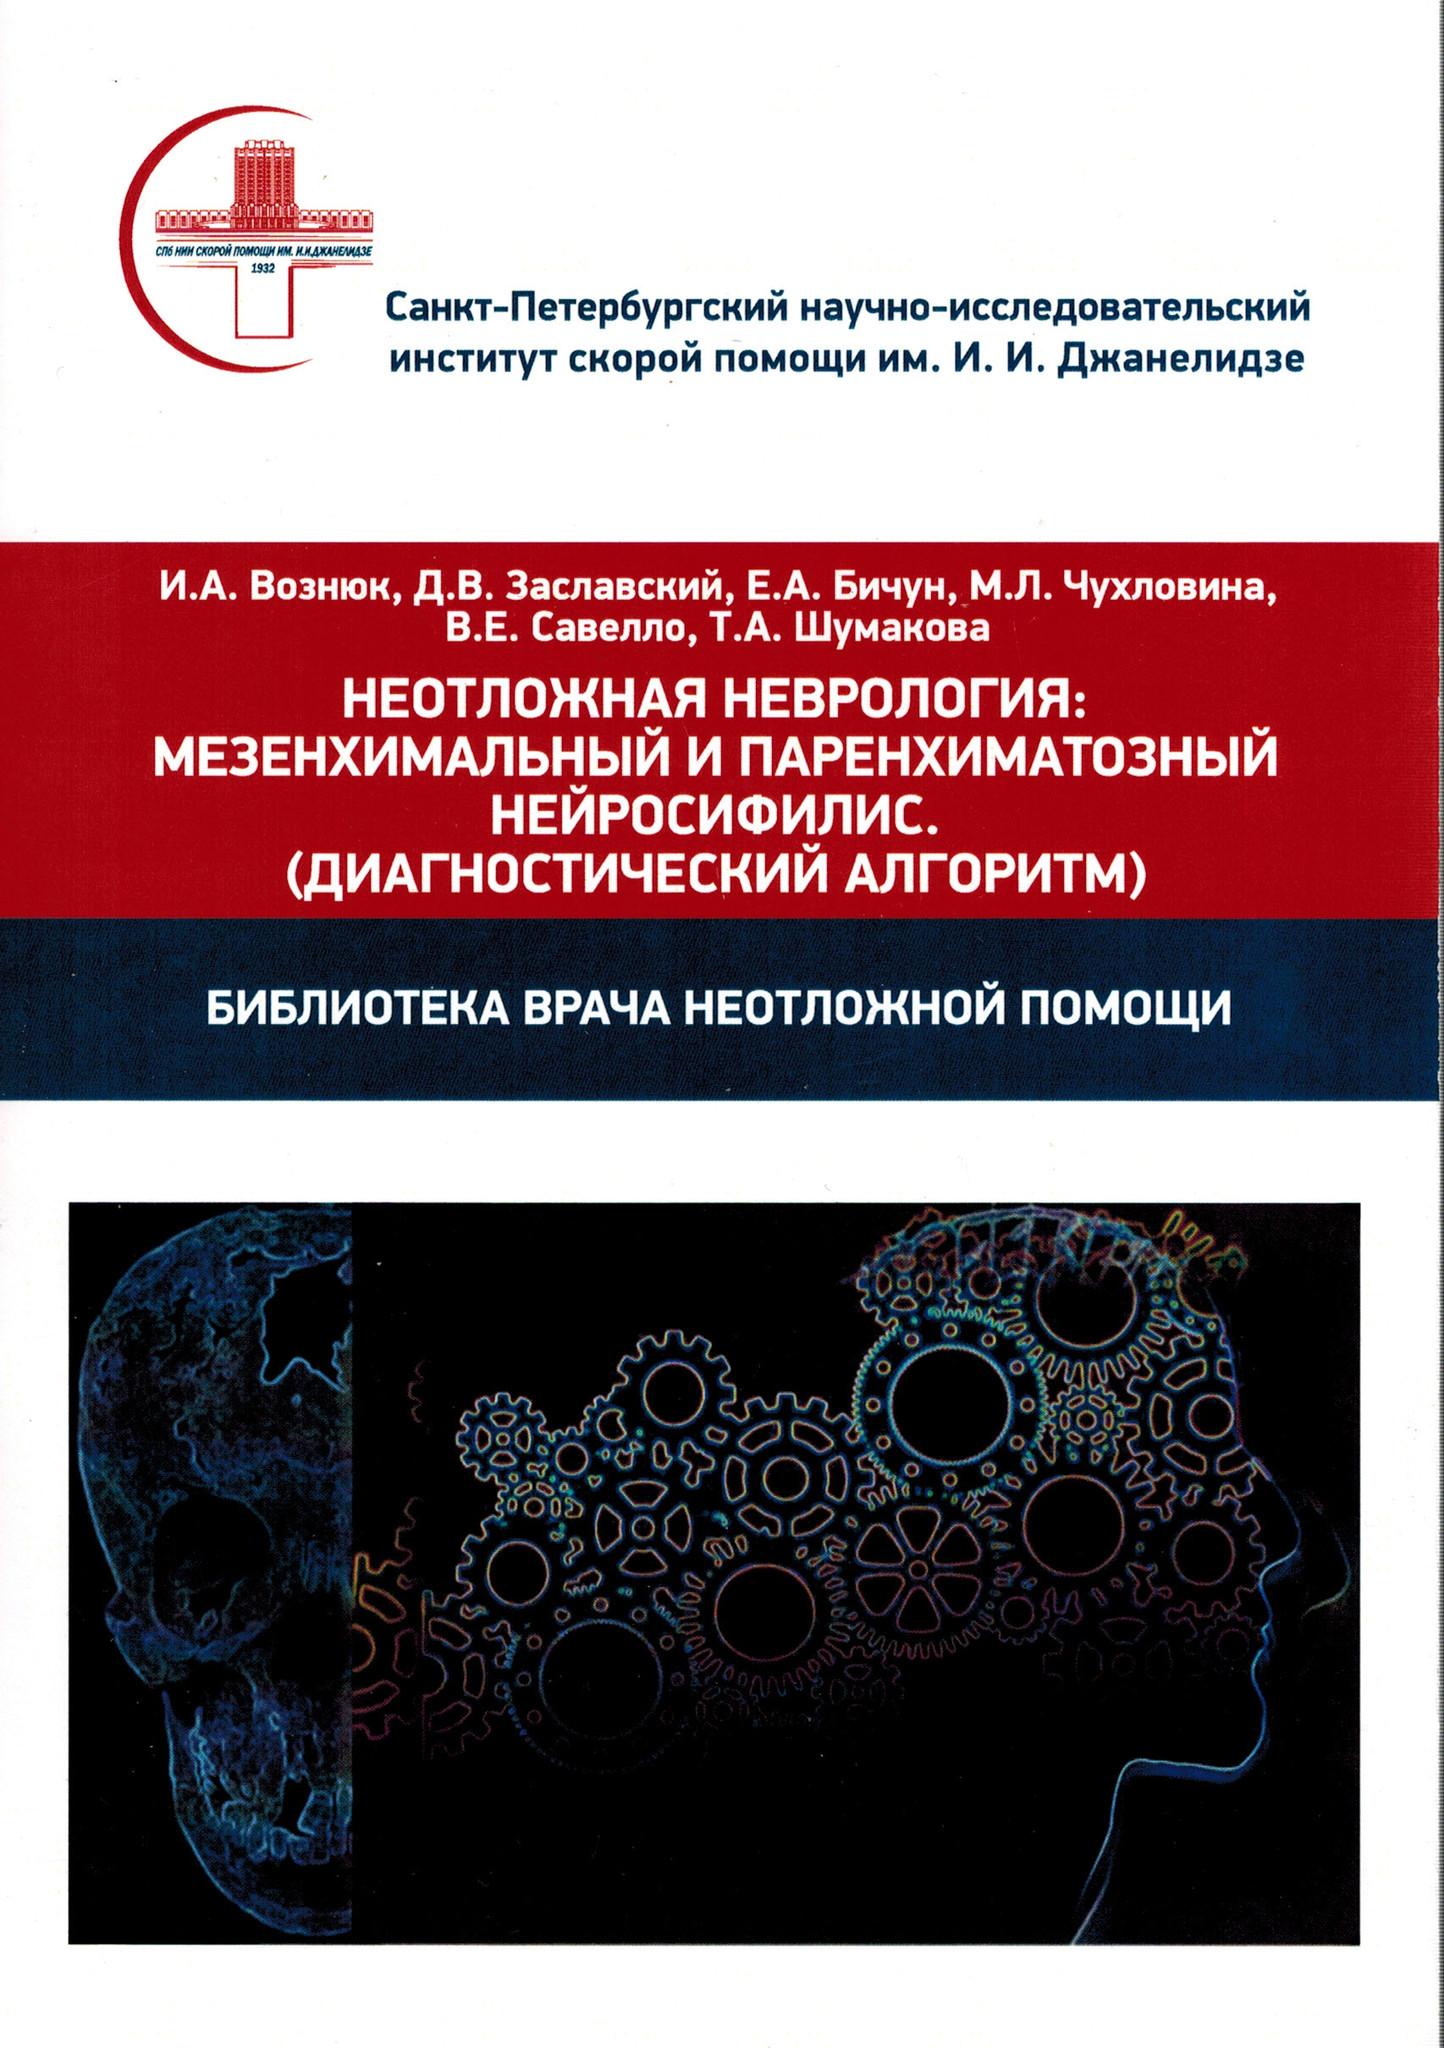 Новинки Неотложная неврология: мезенхимальный и паренхиматозный нейросифилис ns_0001.jpg